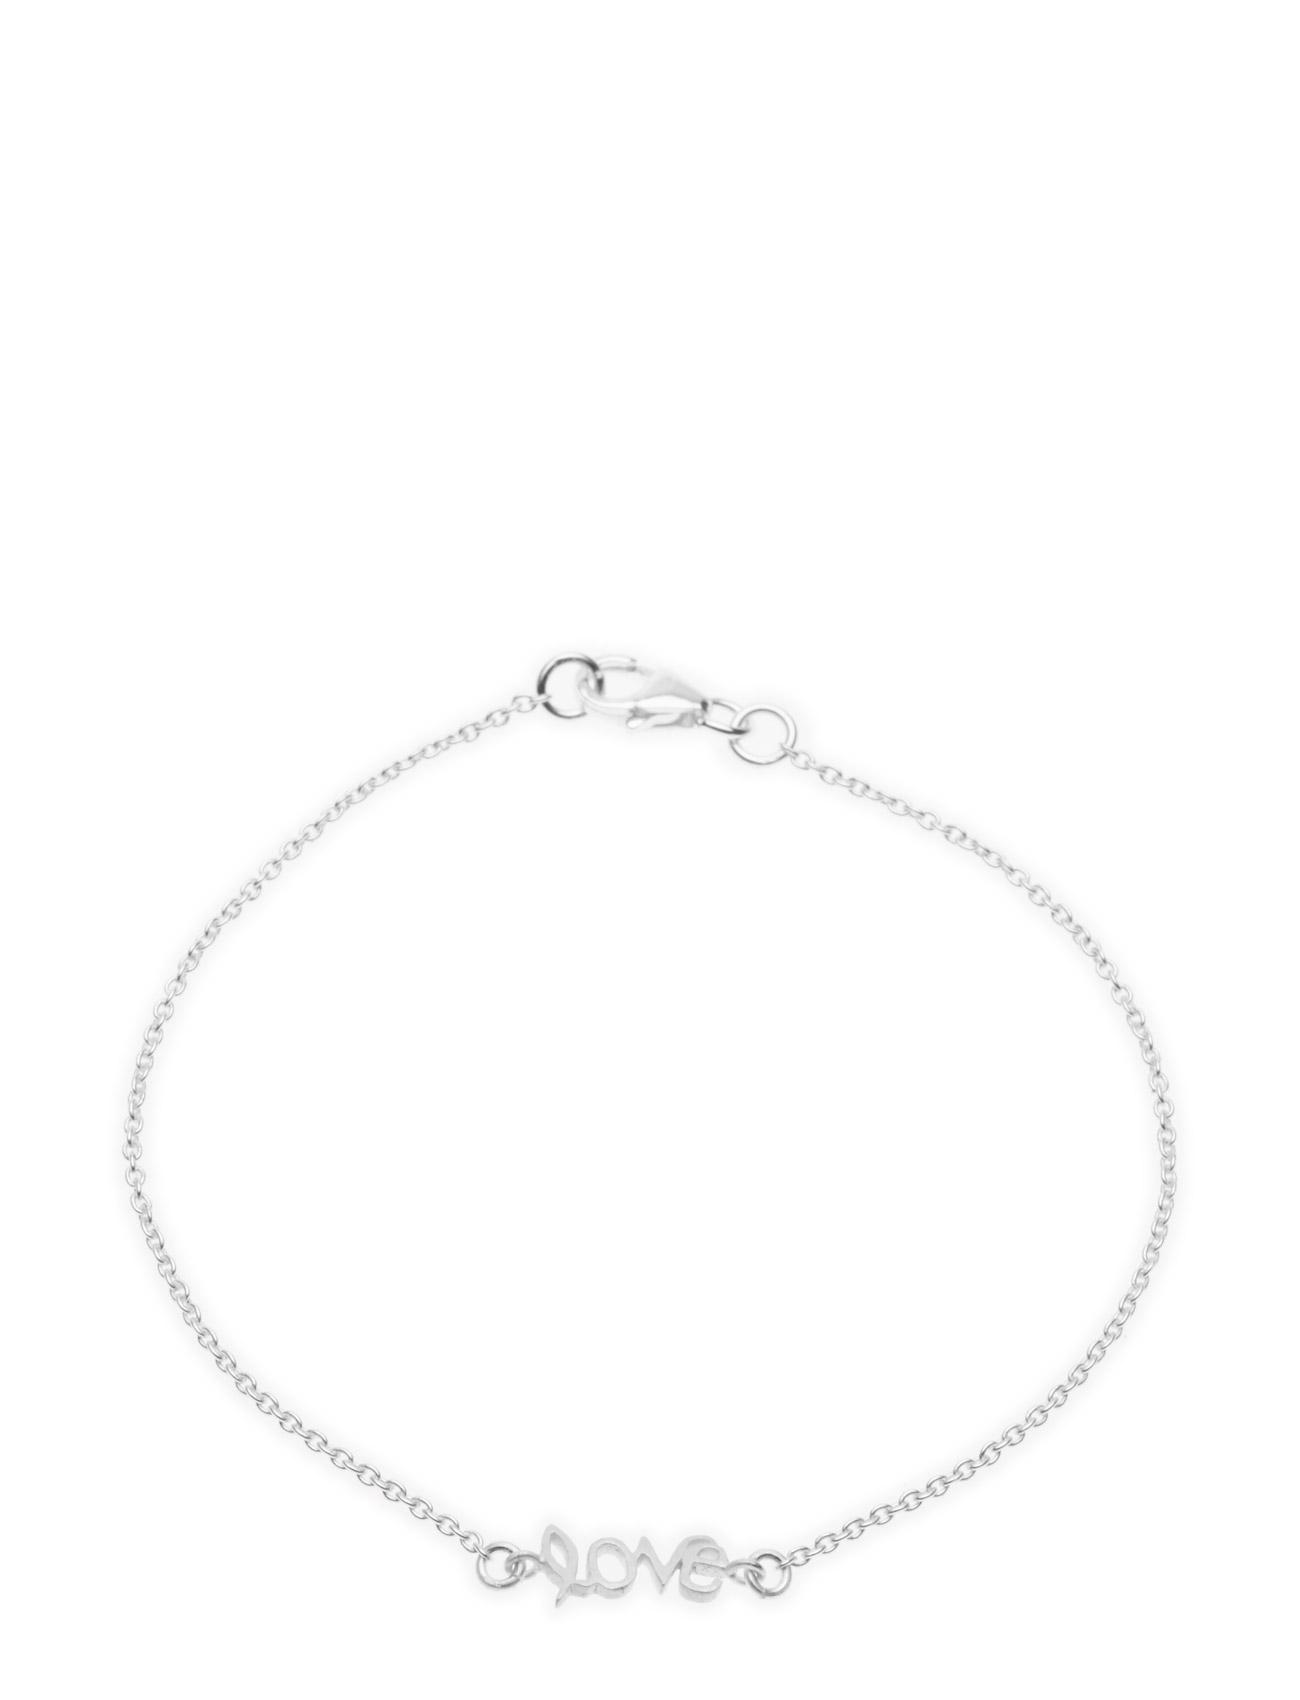 Bracelet Love Chain Jewlscph Armbånd